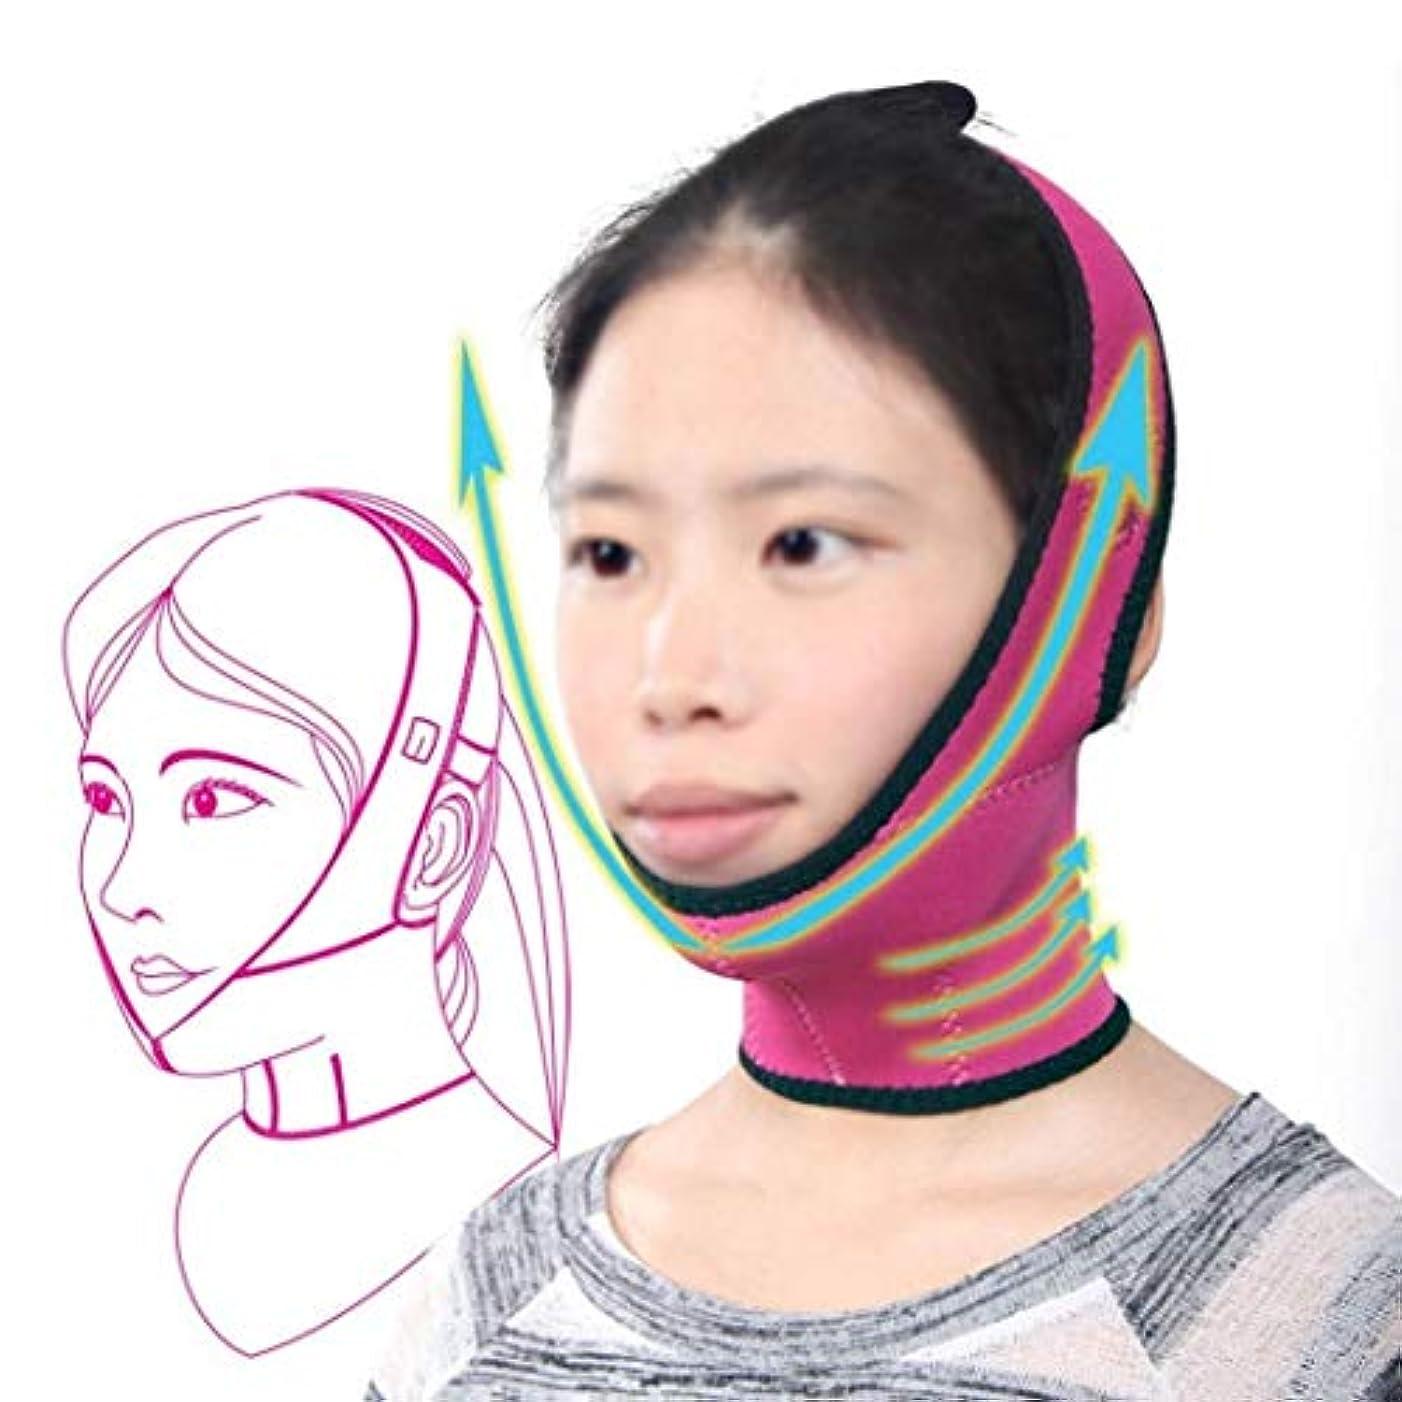 不運揃える谷フェイスリフトマスク、スリミングベルトフェイスマスク強力なリフティング小さなV顔薄い顔包帯美容美容リフティング顔小さな顔薄いフェイスマスク